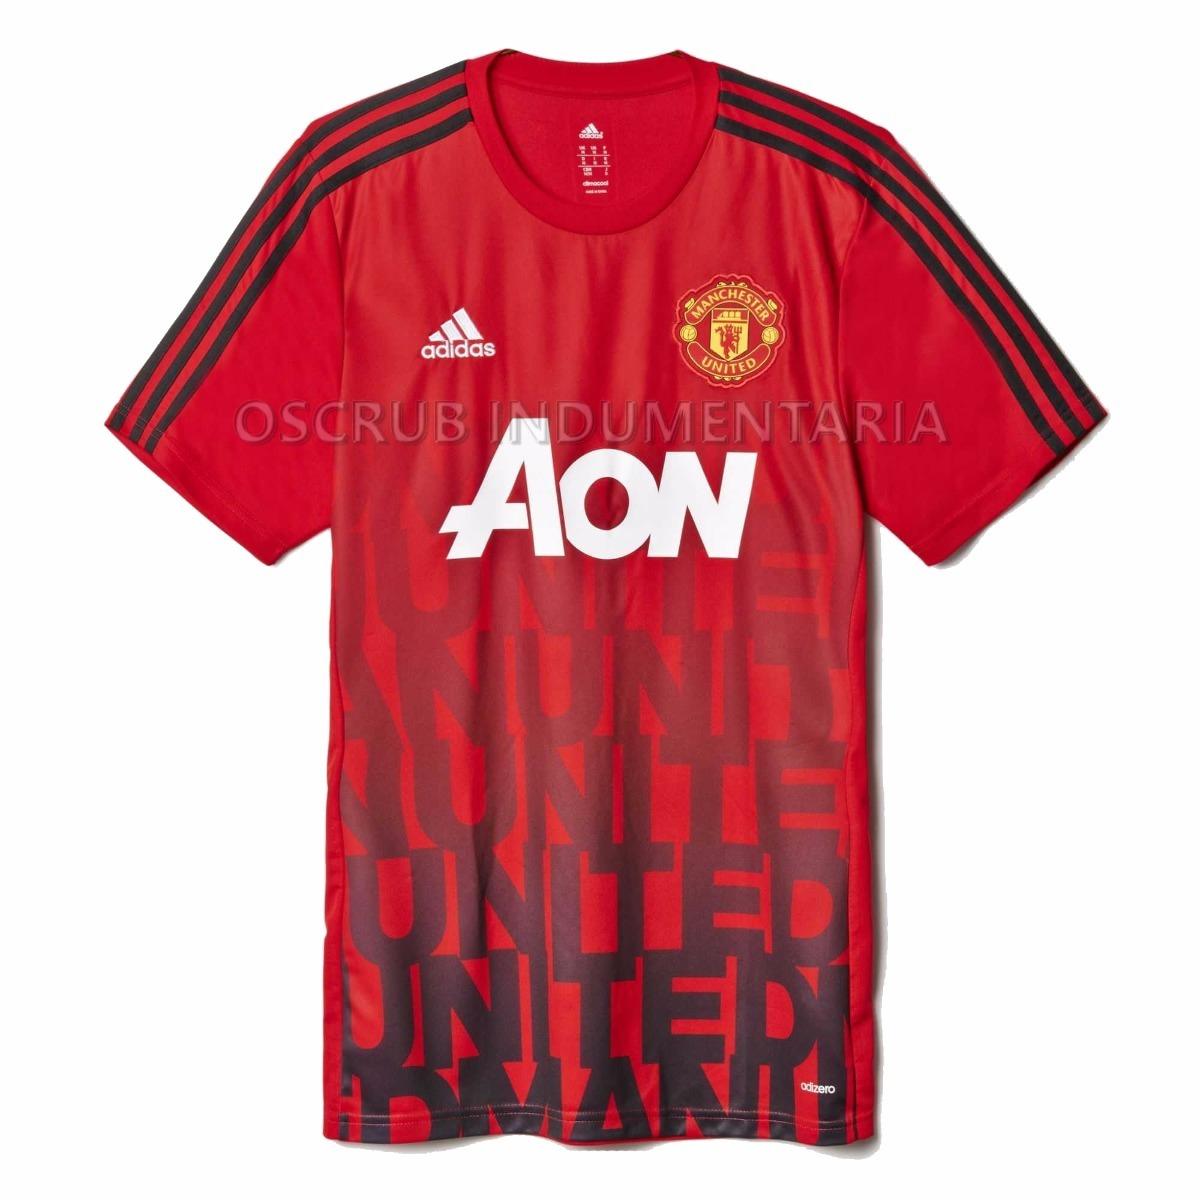 c9d2587862d77 camiseta adidas manchester united adizero original importada. Cargando zoom.